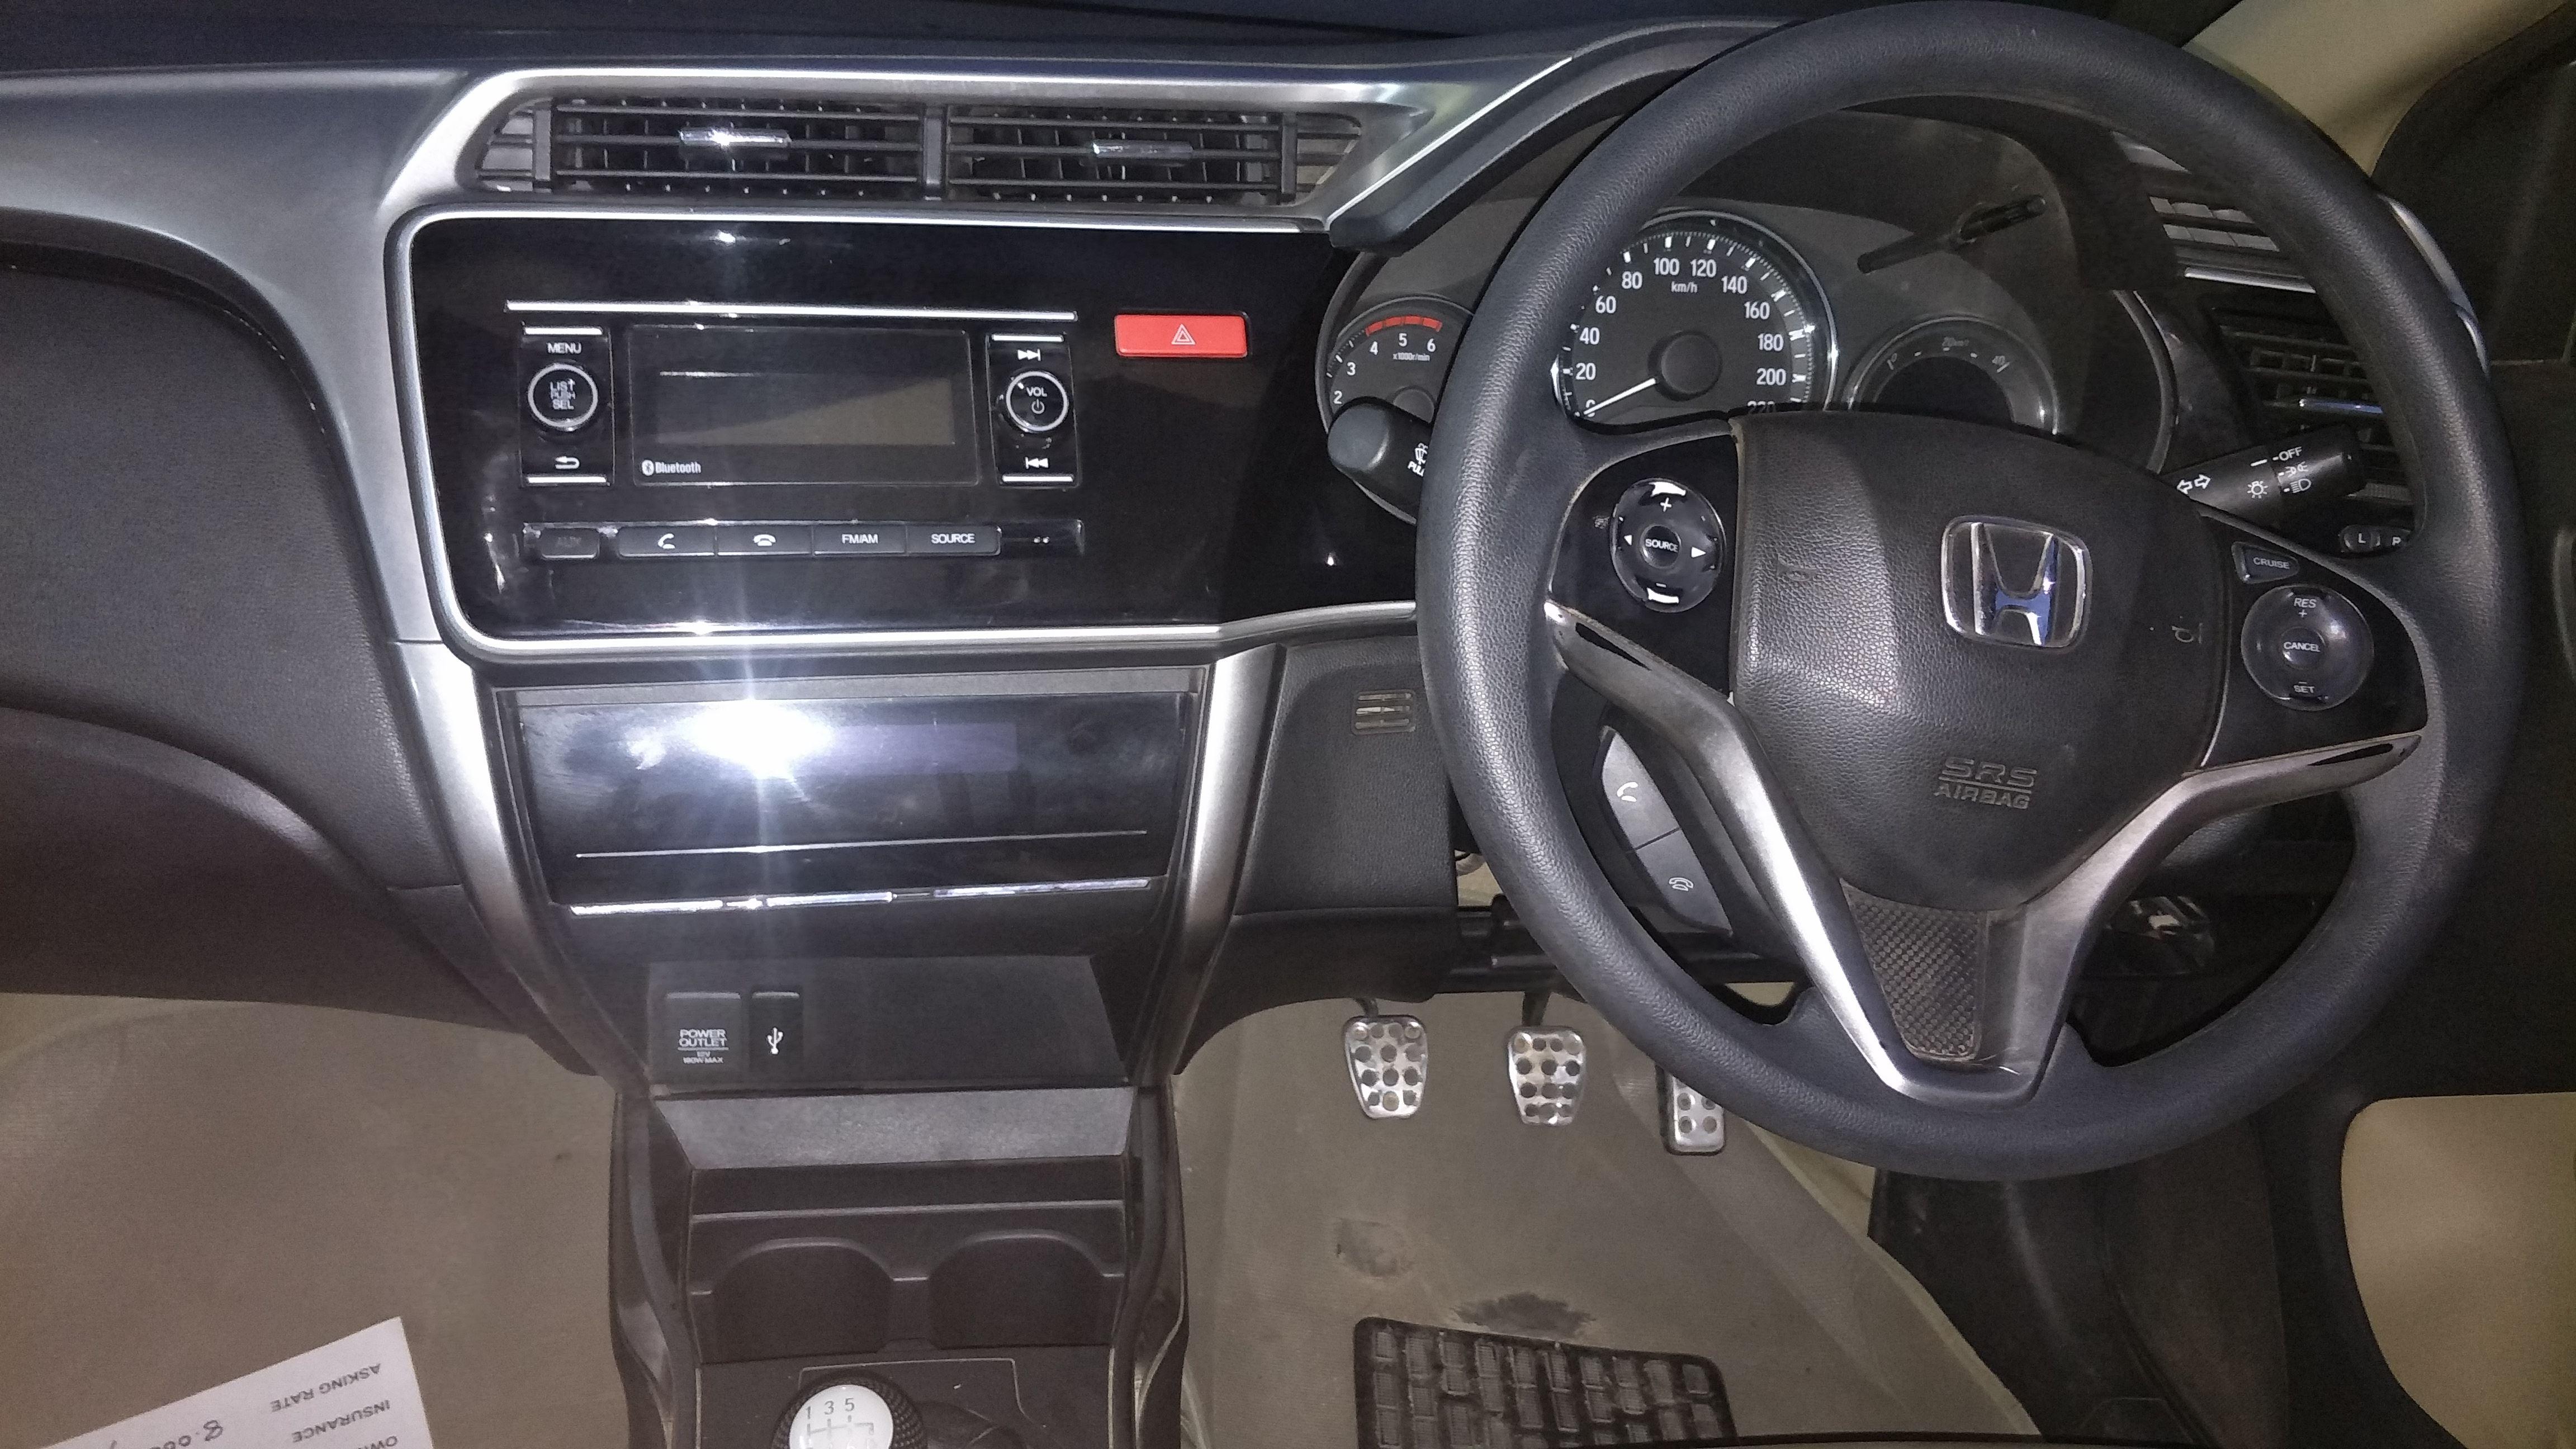 2015 Used Honda City S MT DIESEL